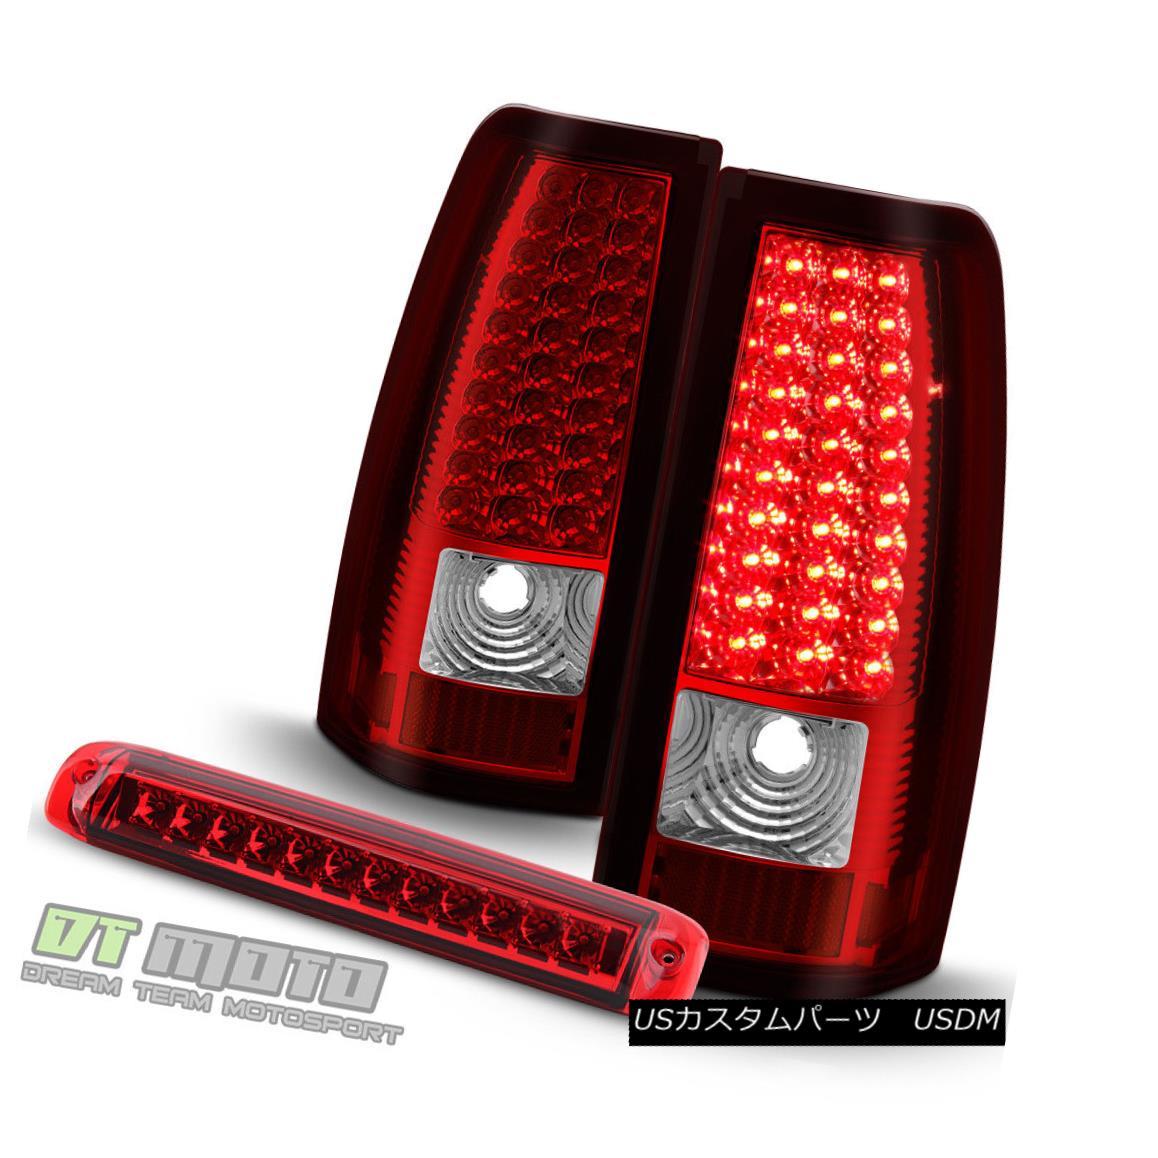 テールライト 2003-2006 Chevy Silverado 1500 Red LED Tail Lights+Full LED 3rd Brake Cargo Lamp 2003-2006シボレーシルバラード1500レッドLEDテールライト+フルLED第3ブレーキカーゴランプ